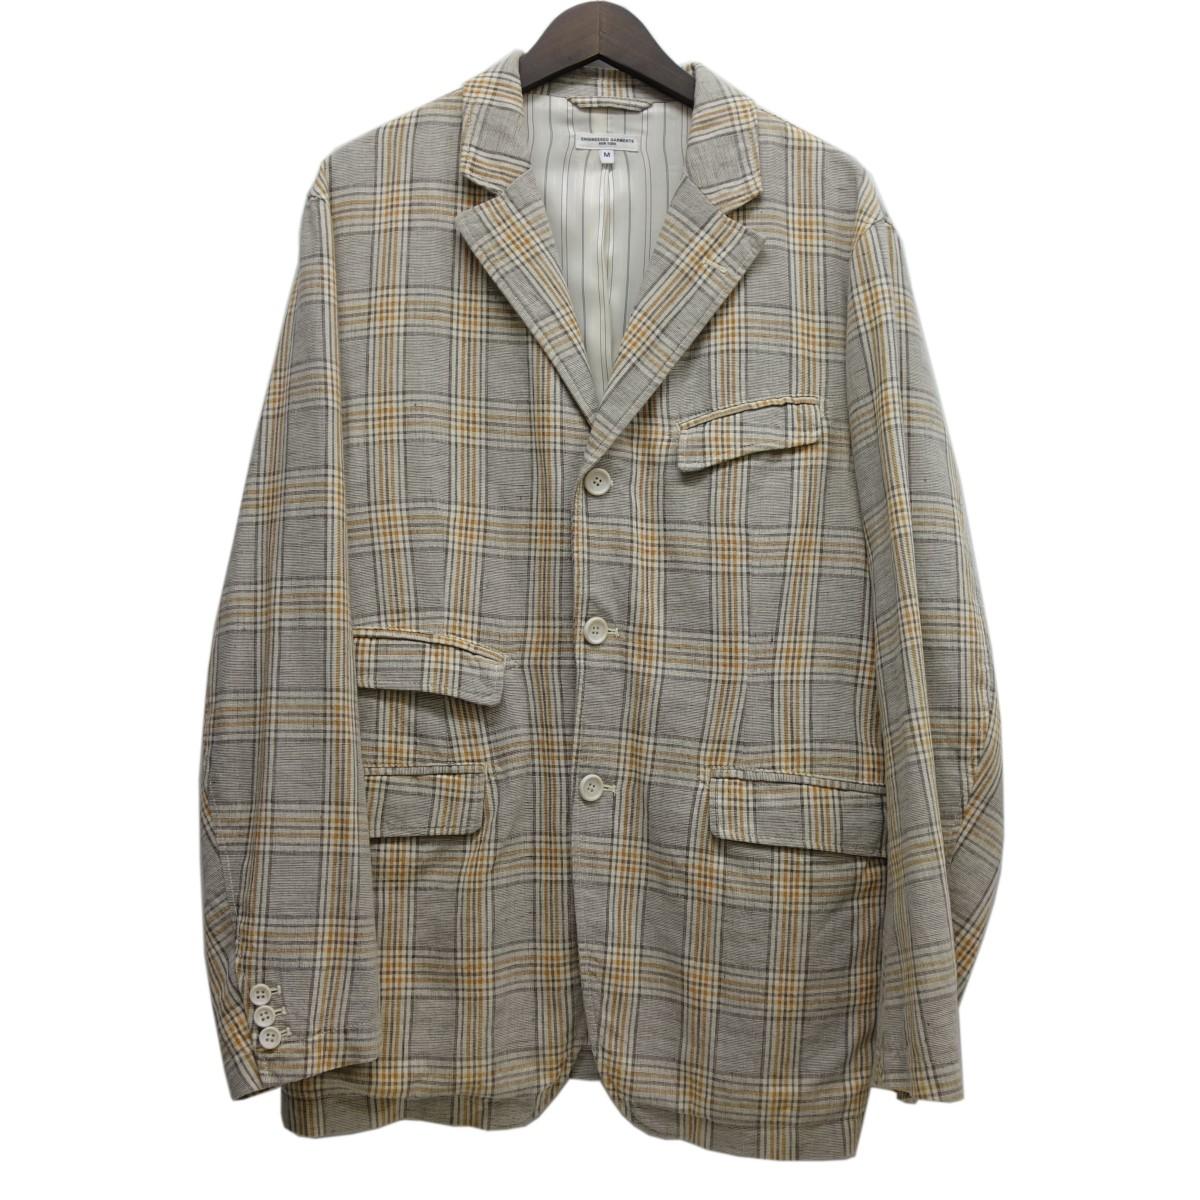 【中古】Engineered Garments 「Andover Jacket」チェックアンドーバージャケット ライトグレー×ベージュ サイズ:M 【020520】(エンジニアードガーメンツ)